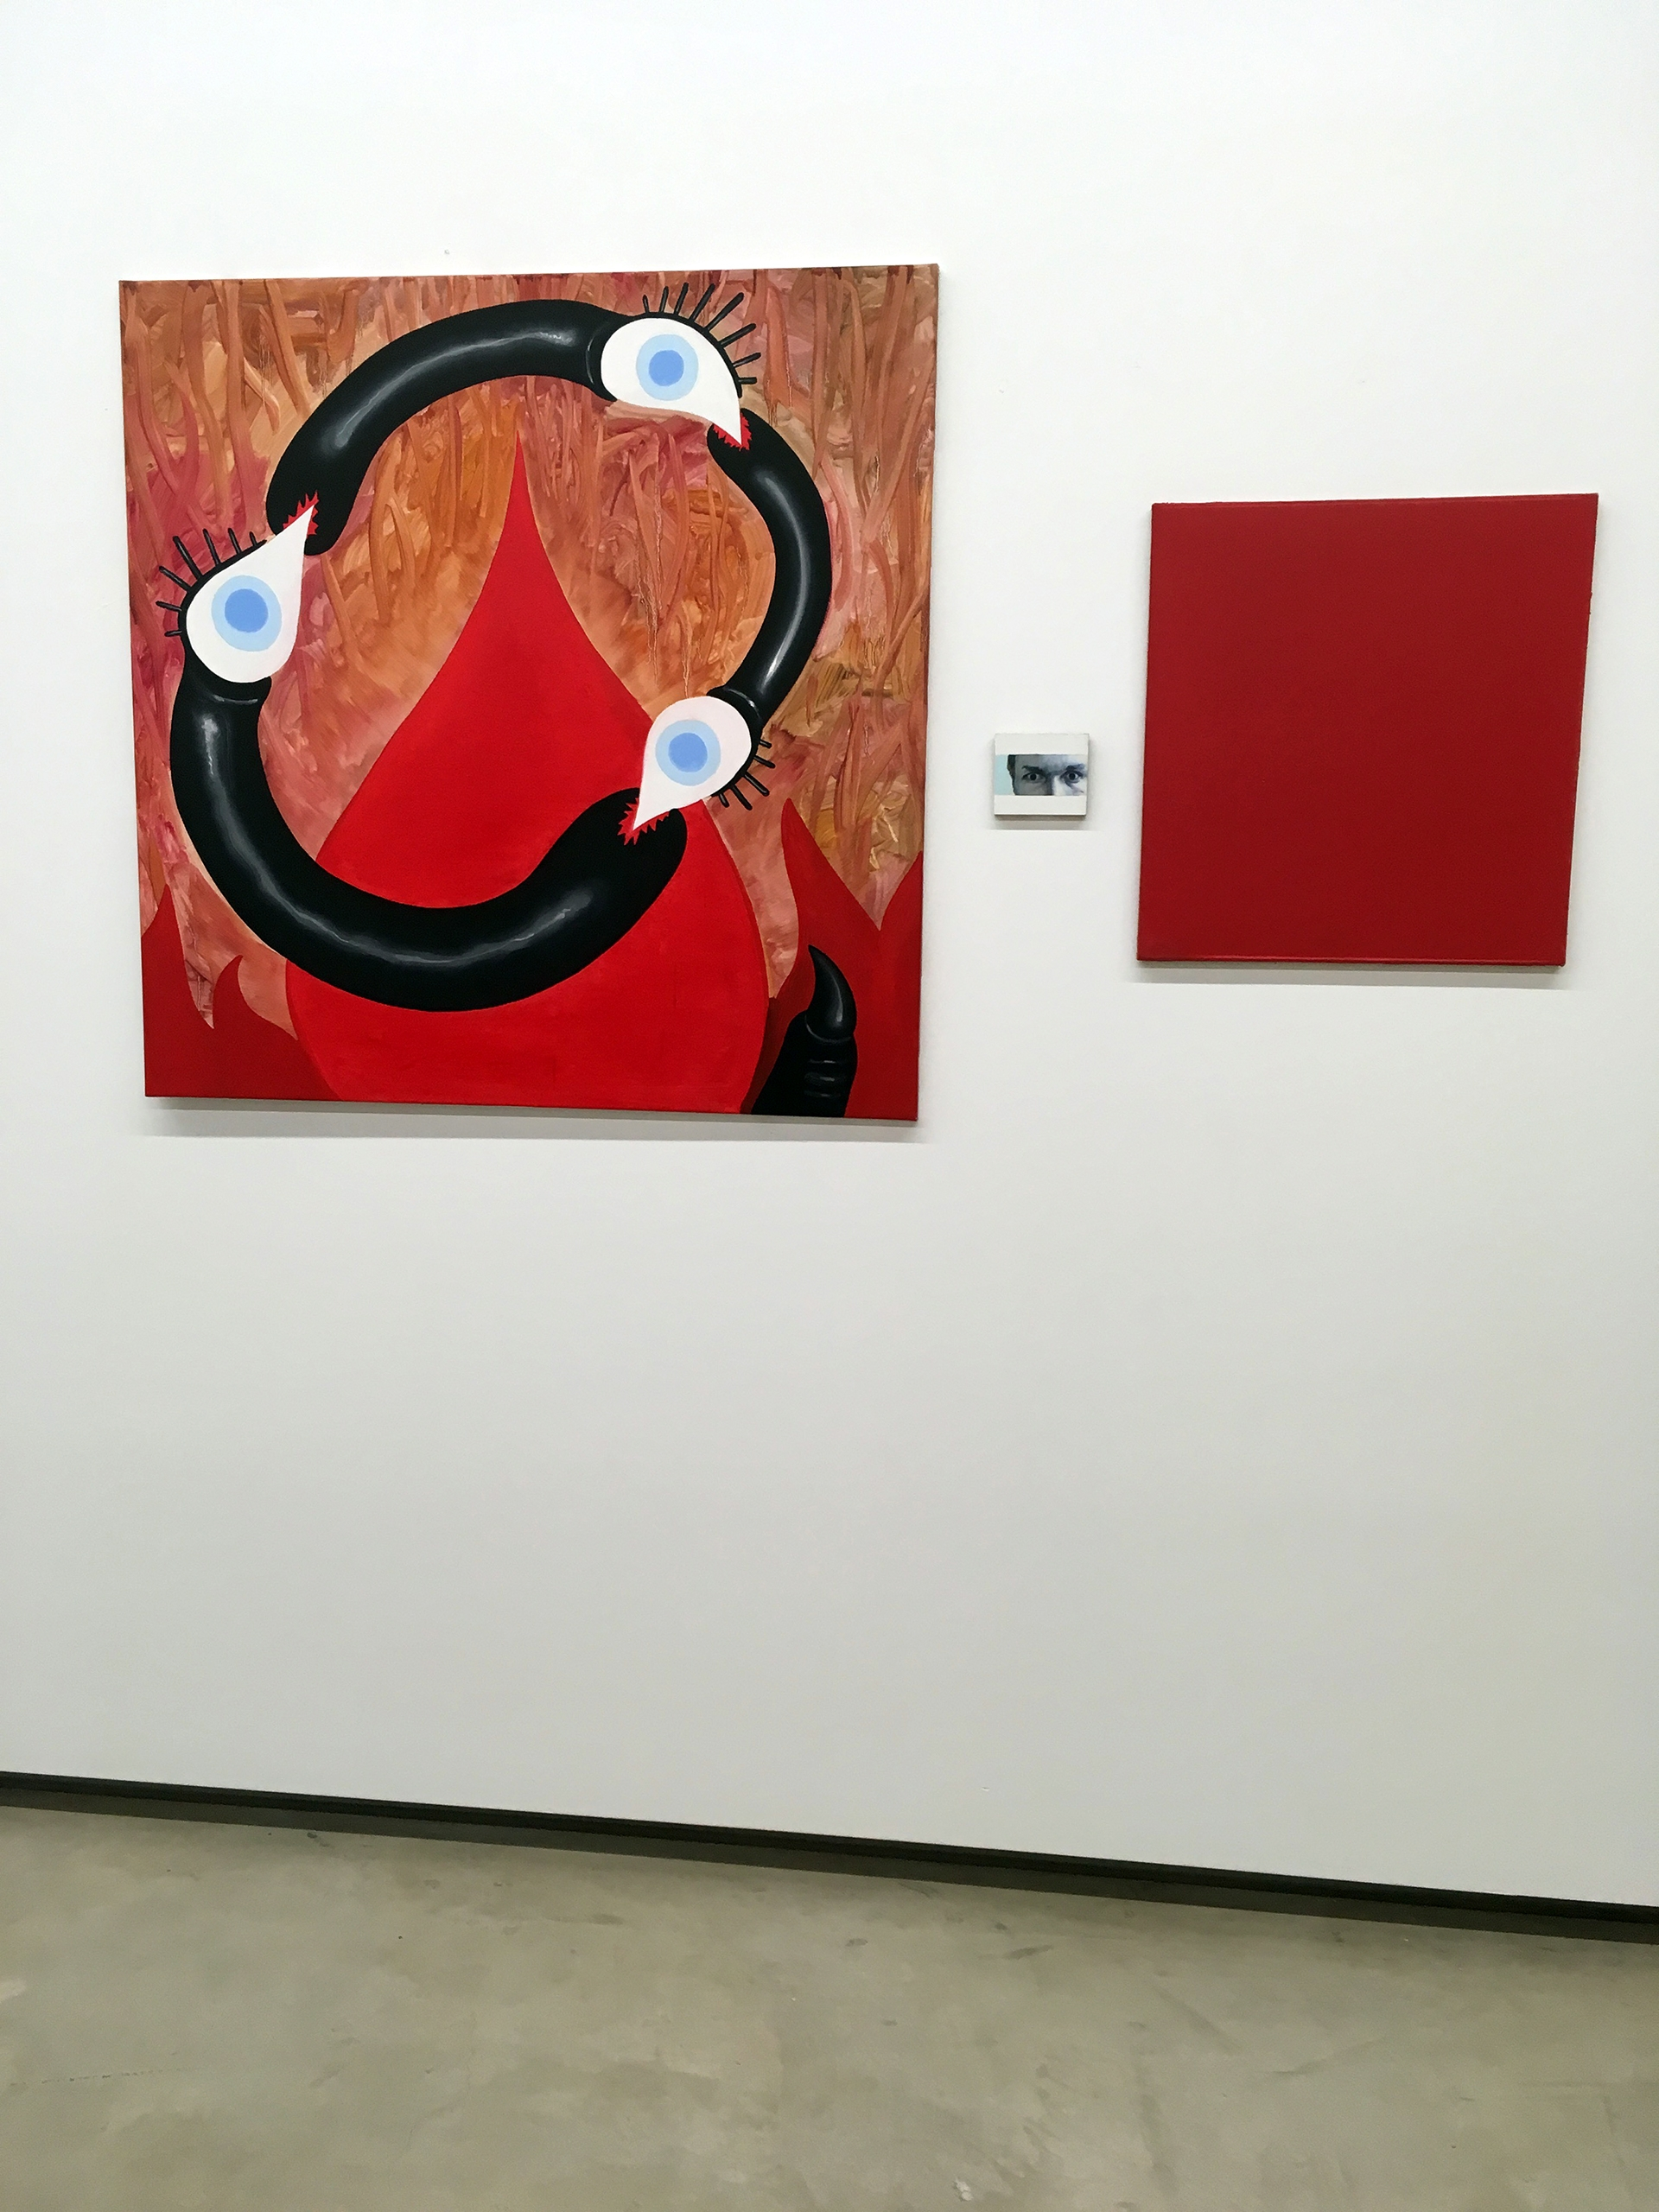 Zdjęcie przedstawia trzy obrazy różnych formatów zawieszone na białej ścianie.